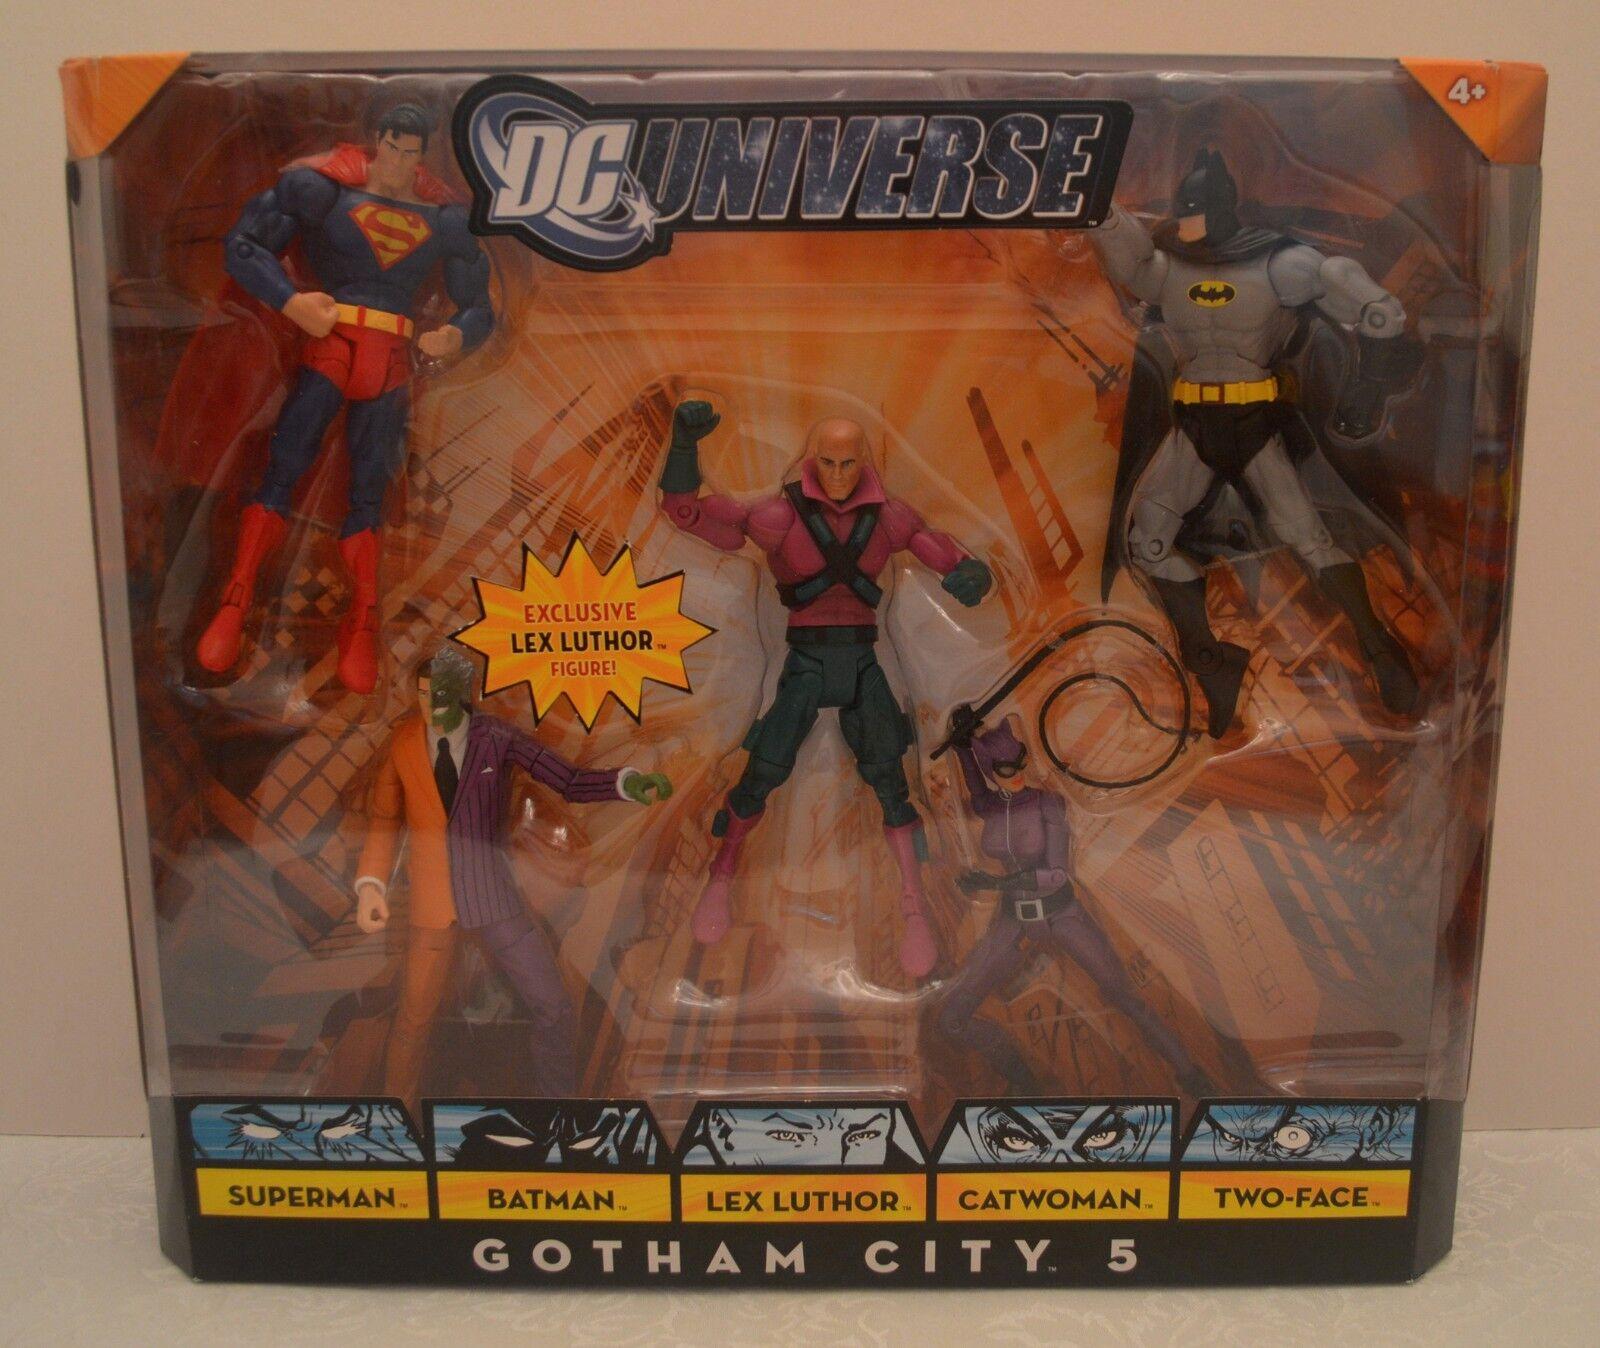 Gotham city 5 werden exklusive lex luthor abbildung dc comics.